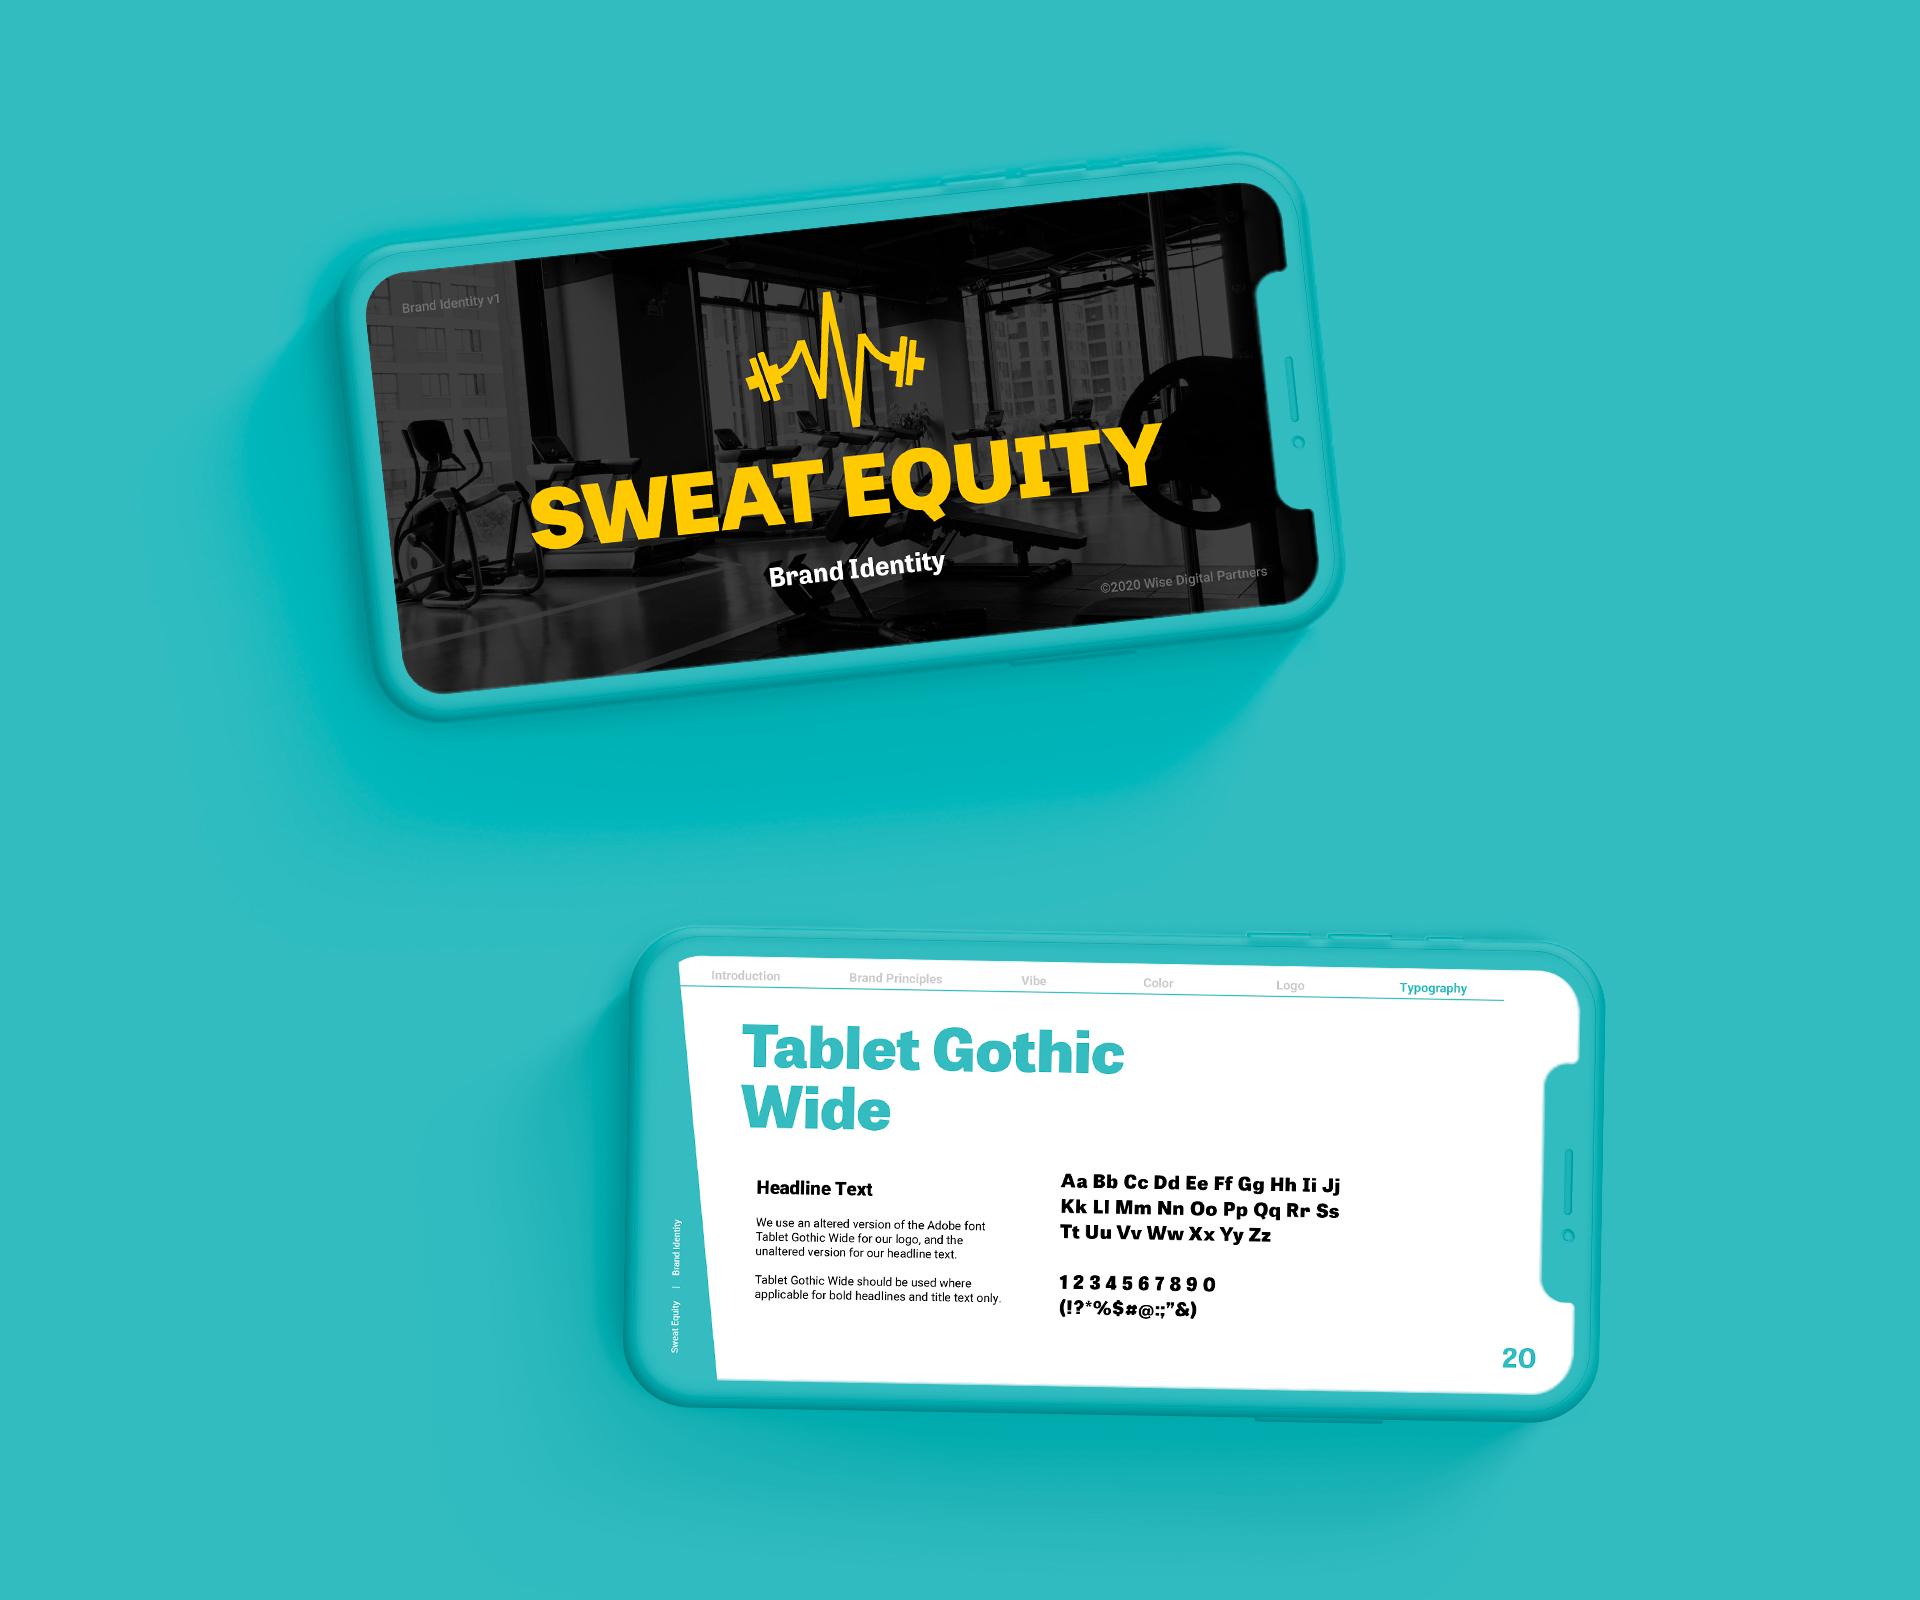 Sweat Equity Gym San Diego